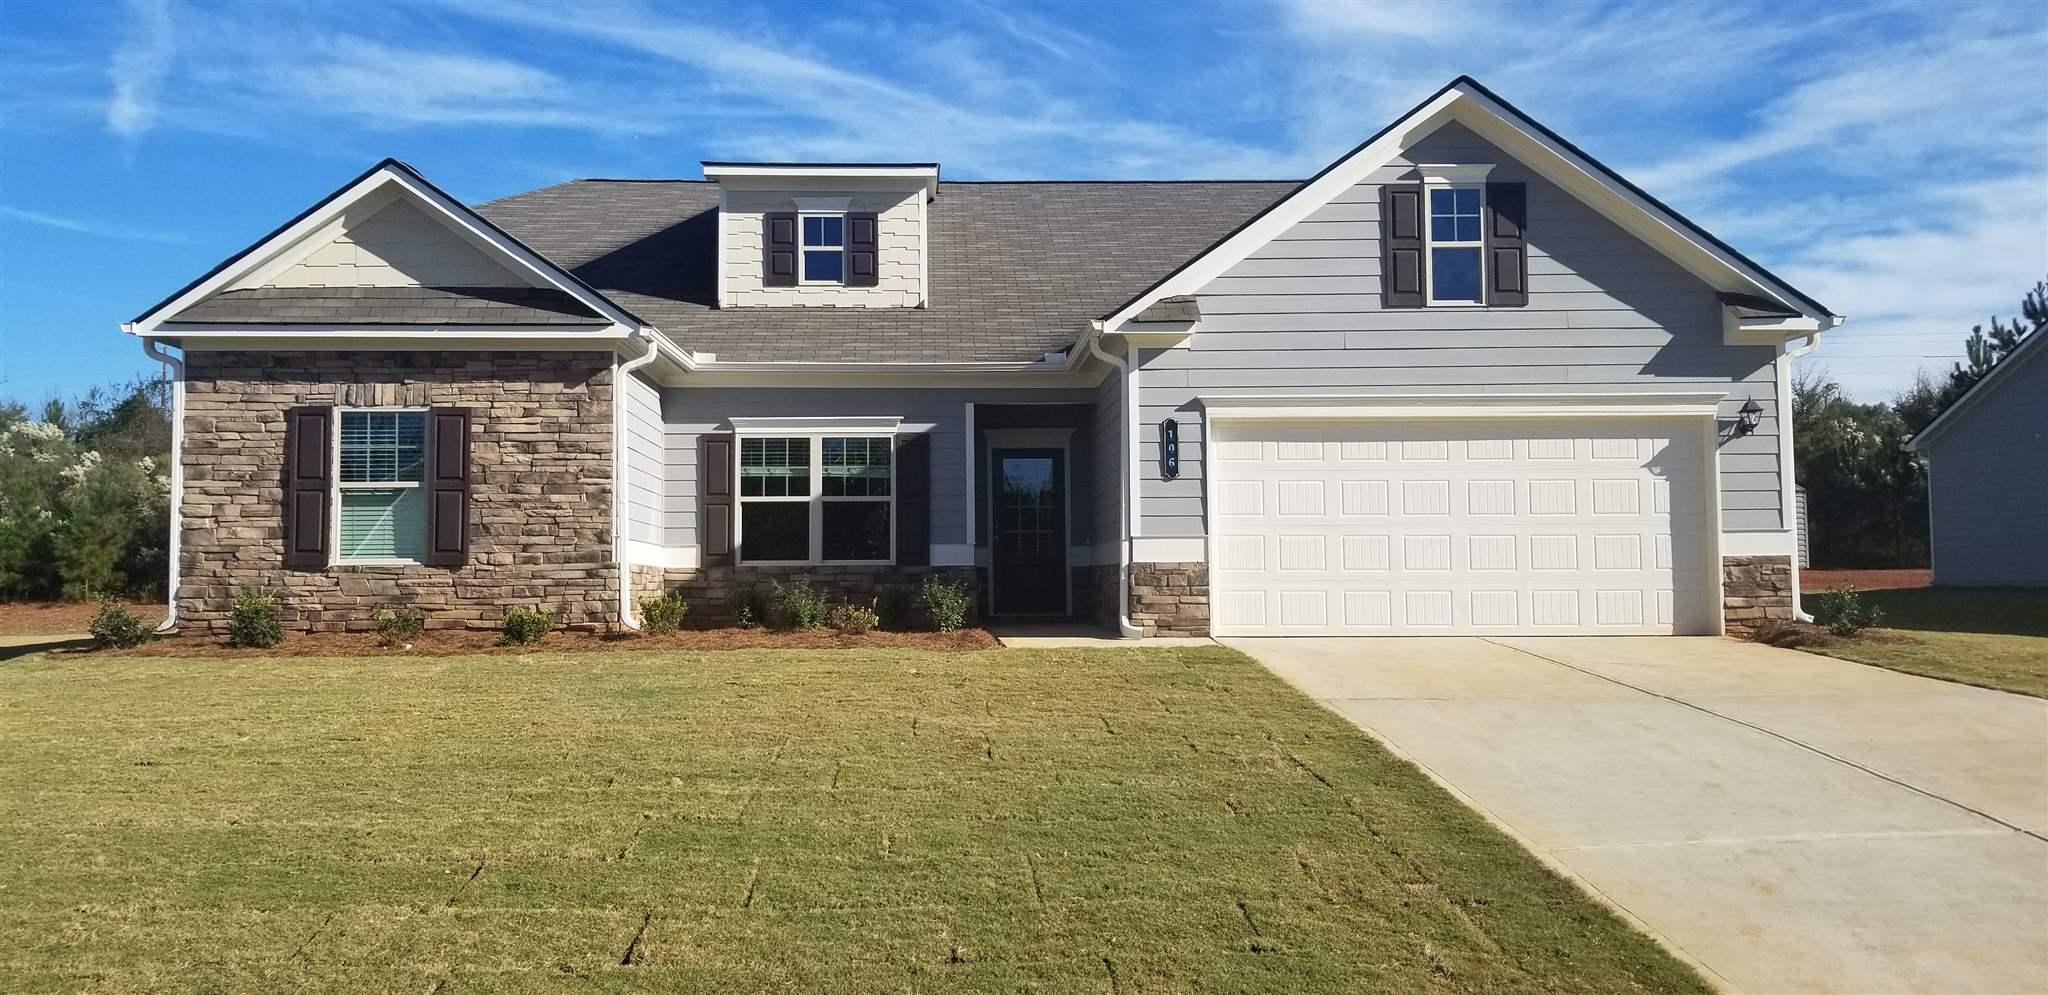 106 COLIN LANE, Lake Oconee in Putnam County, GA 31024 Home for Sale